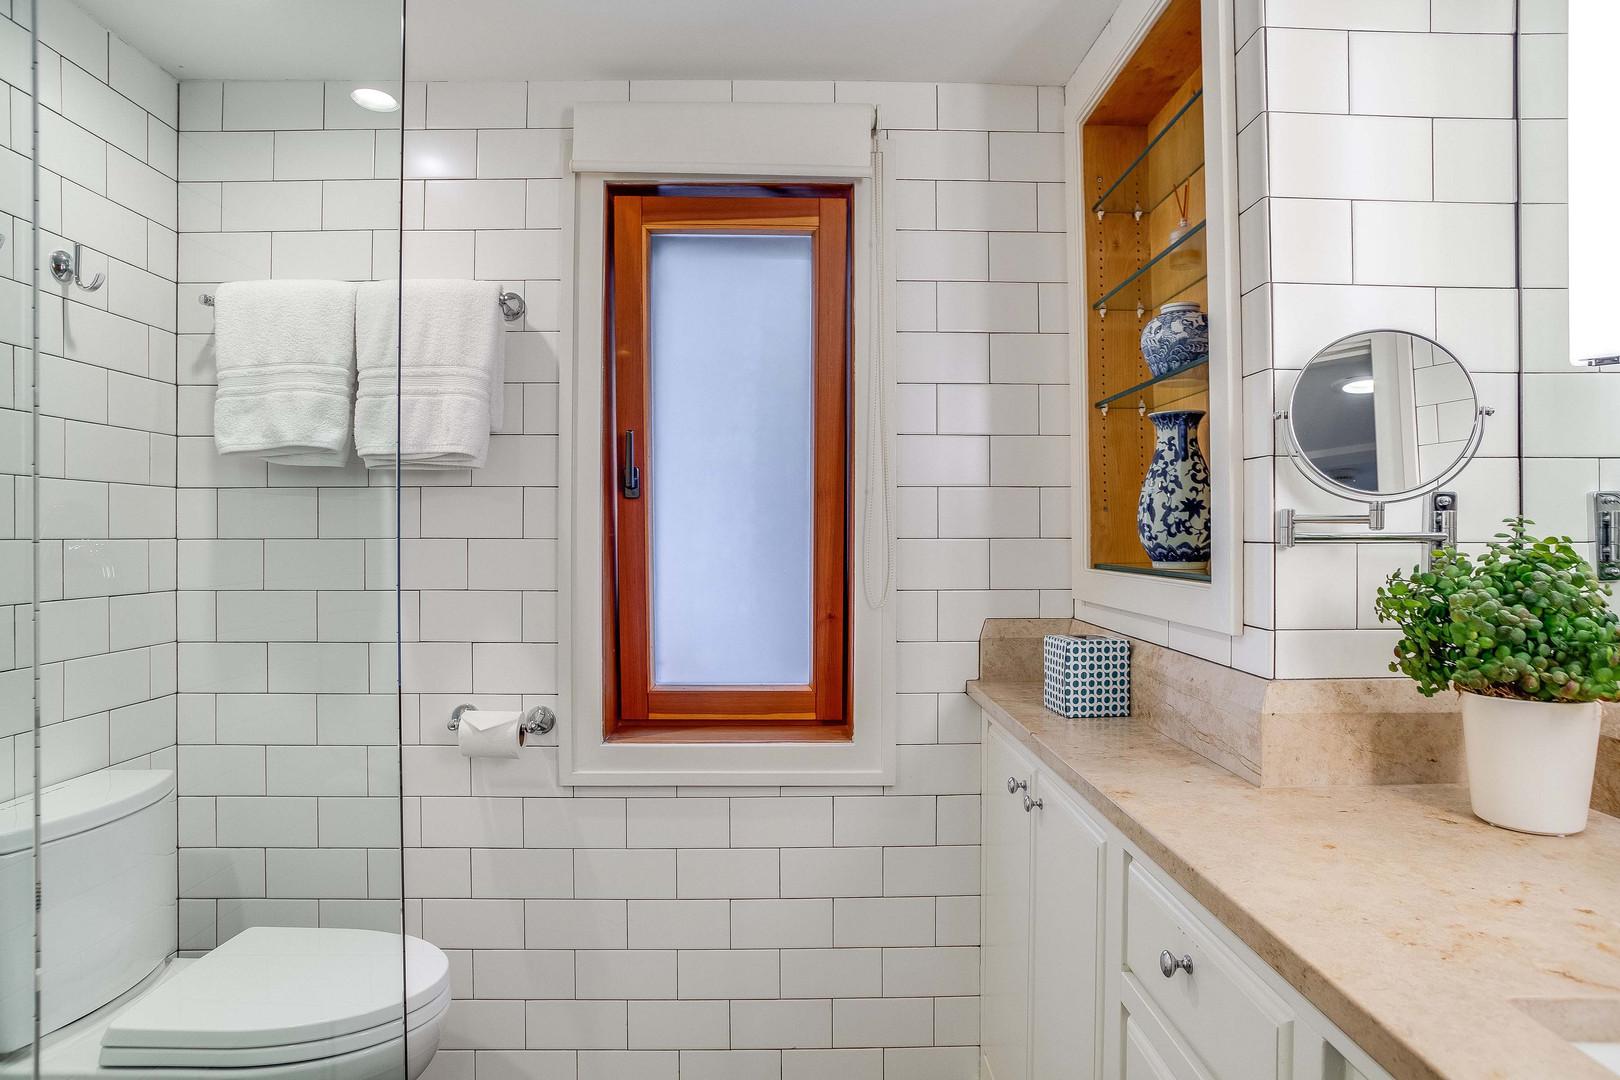 Daylight Fully Tiled Bathroom with Heated Floors